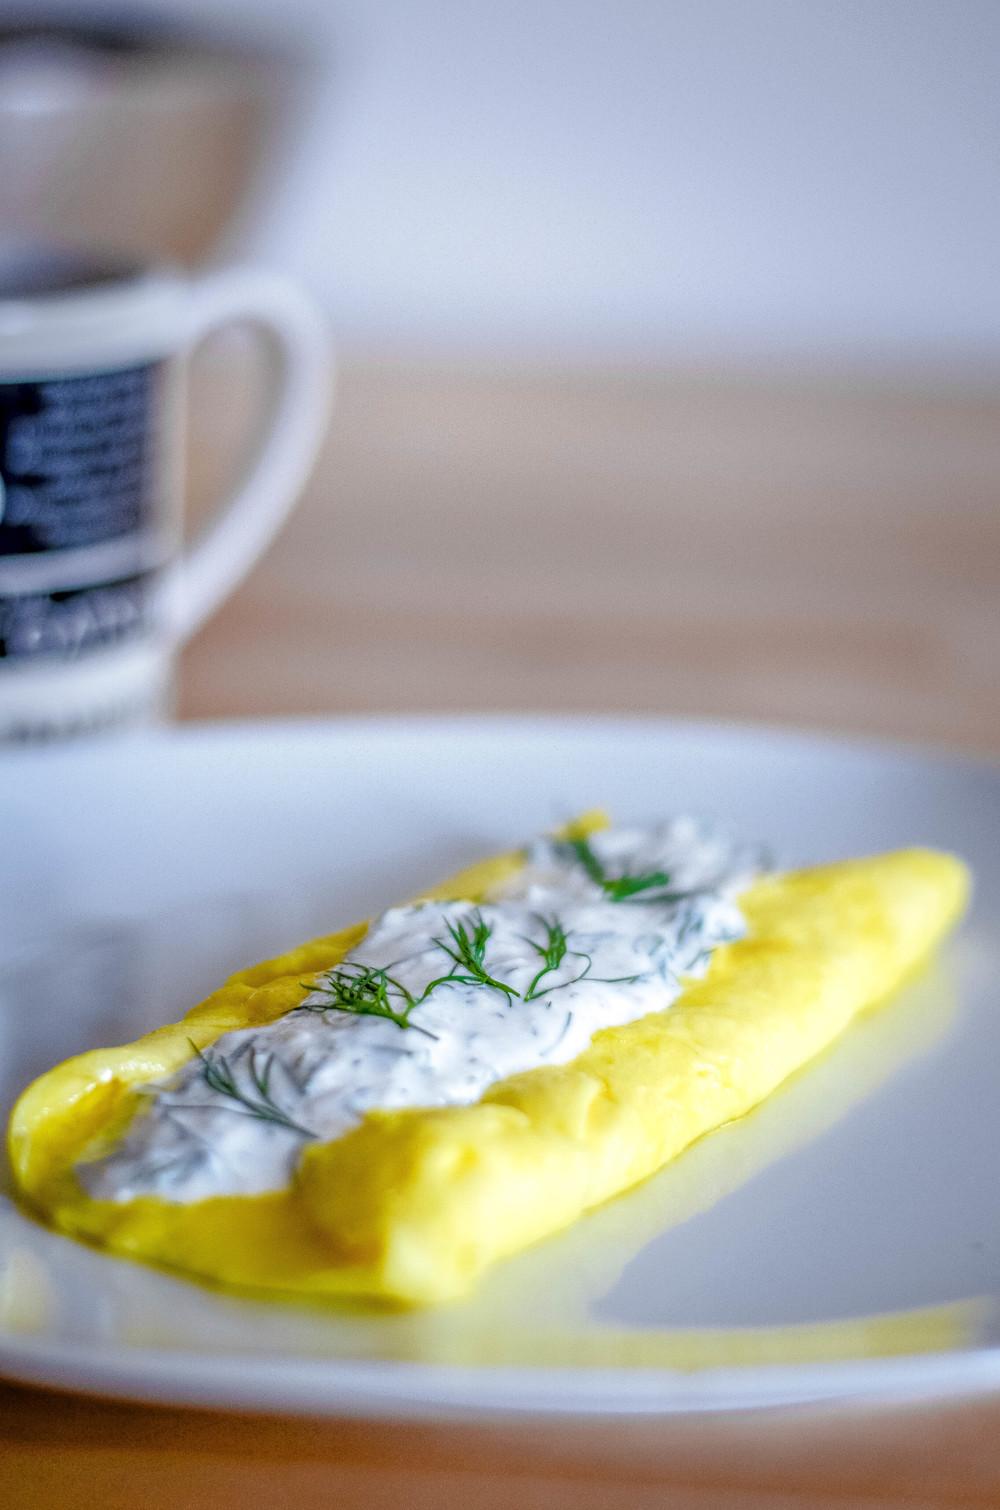 dill omelet